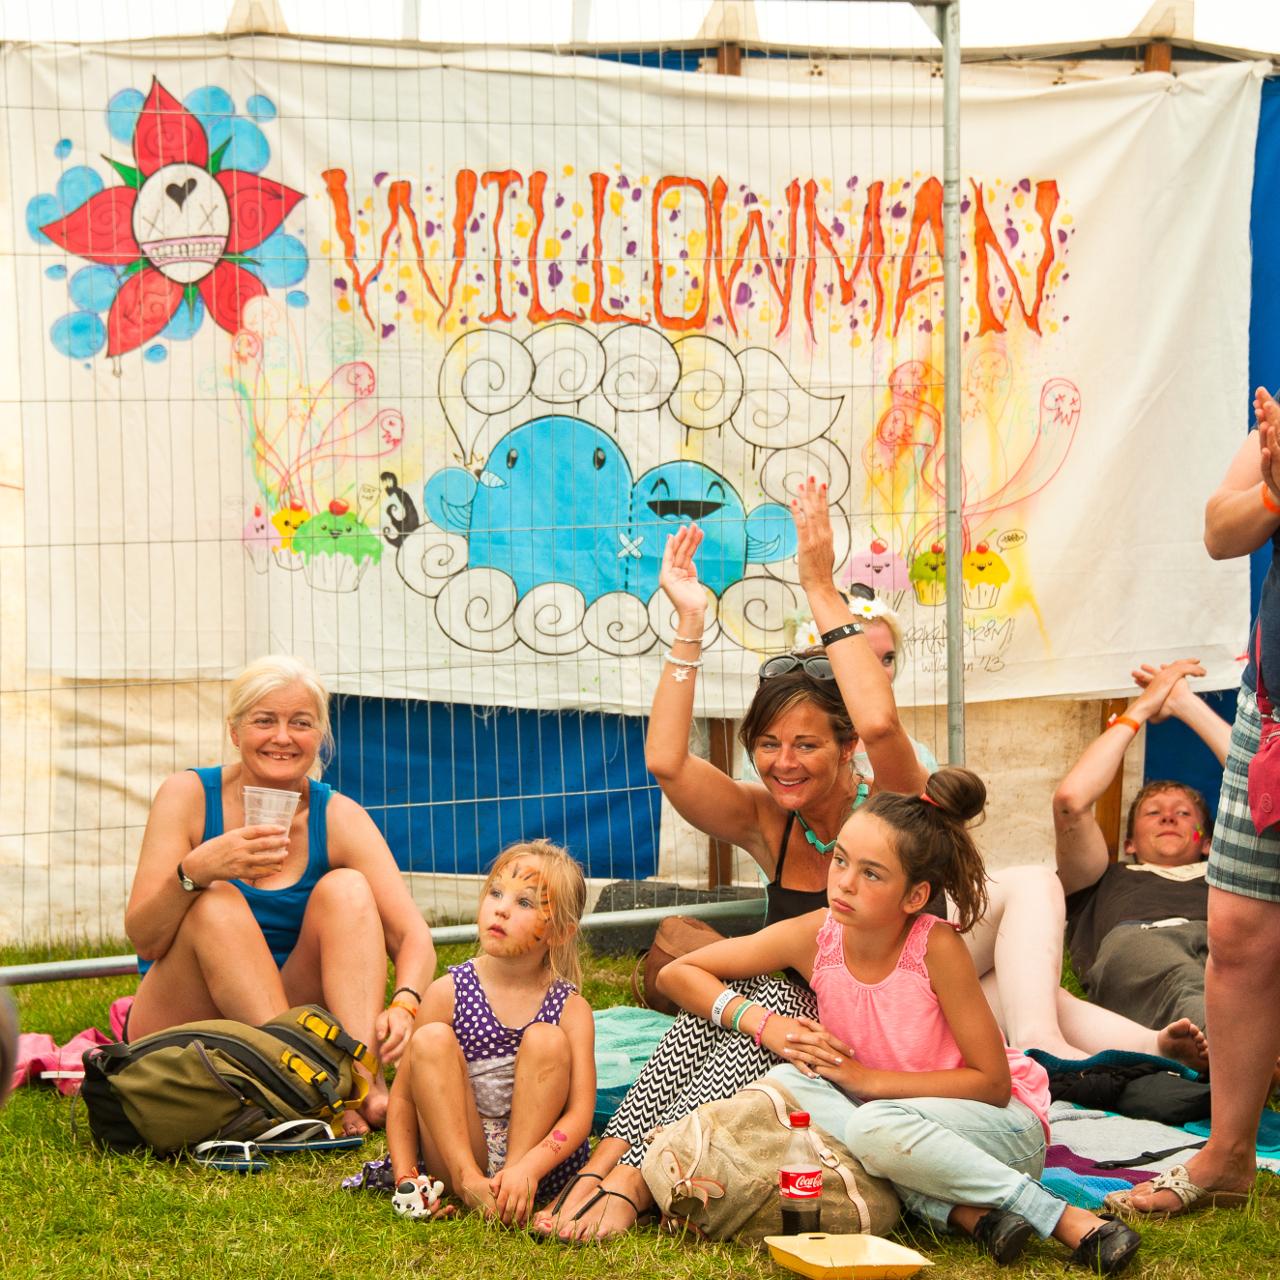 willowman-festival